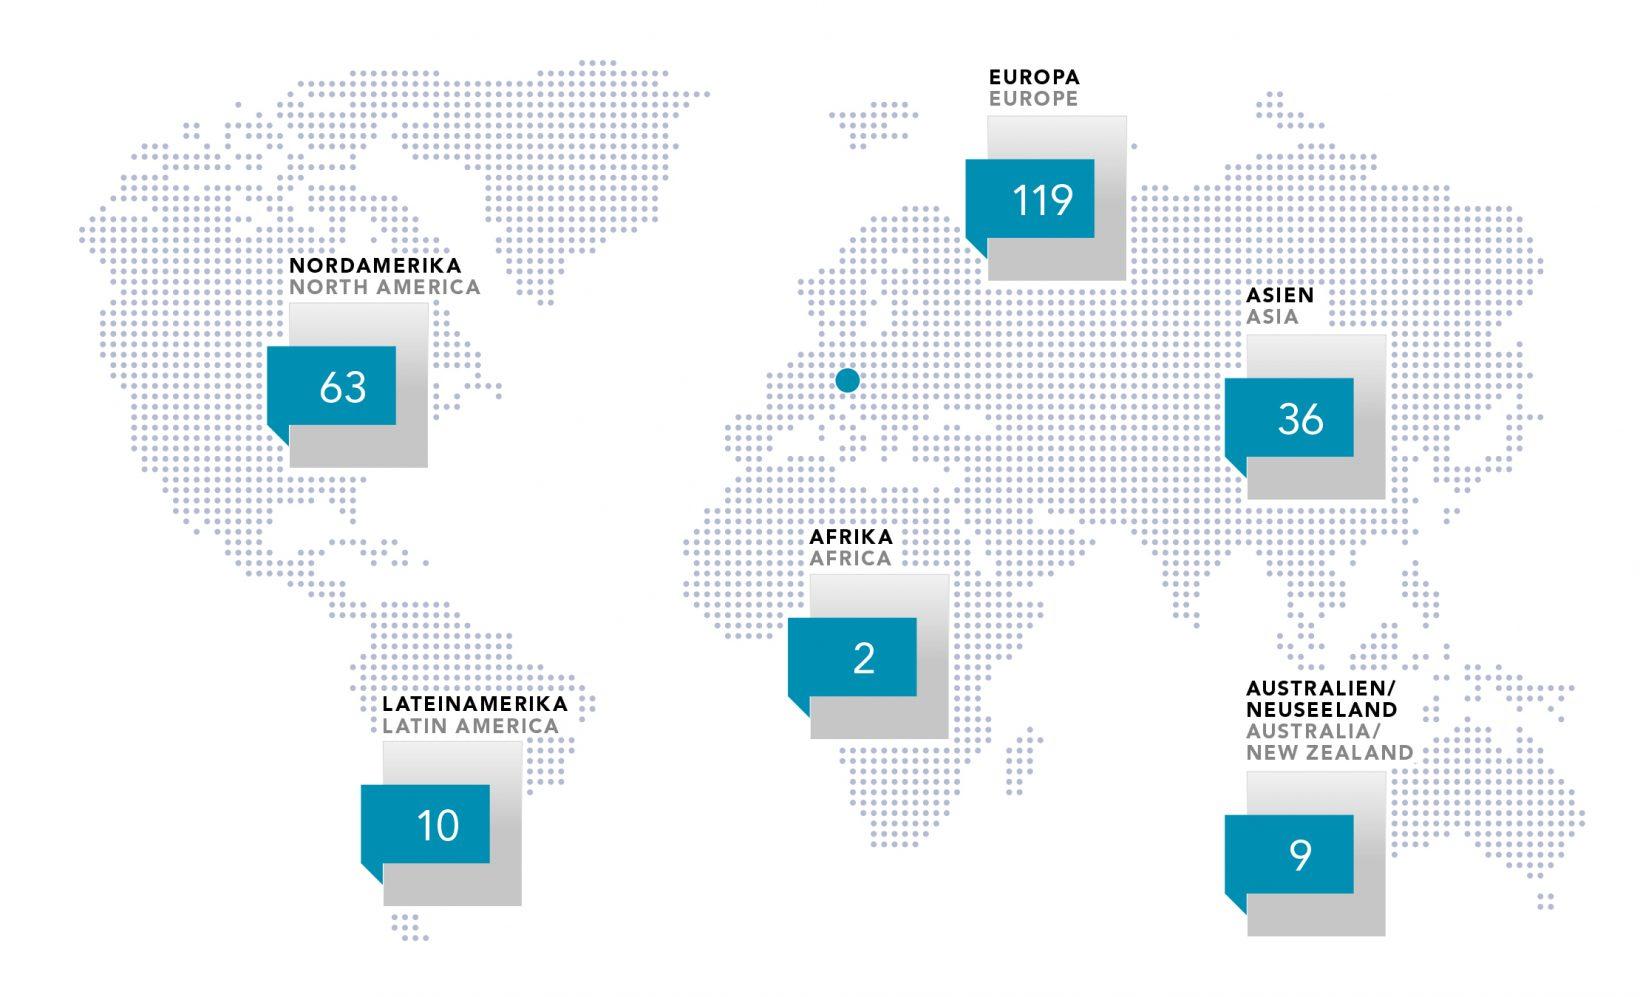 Die WU verfügt über ein großes Netz an renommierten Partneruniversitäten.